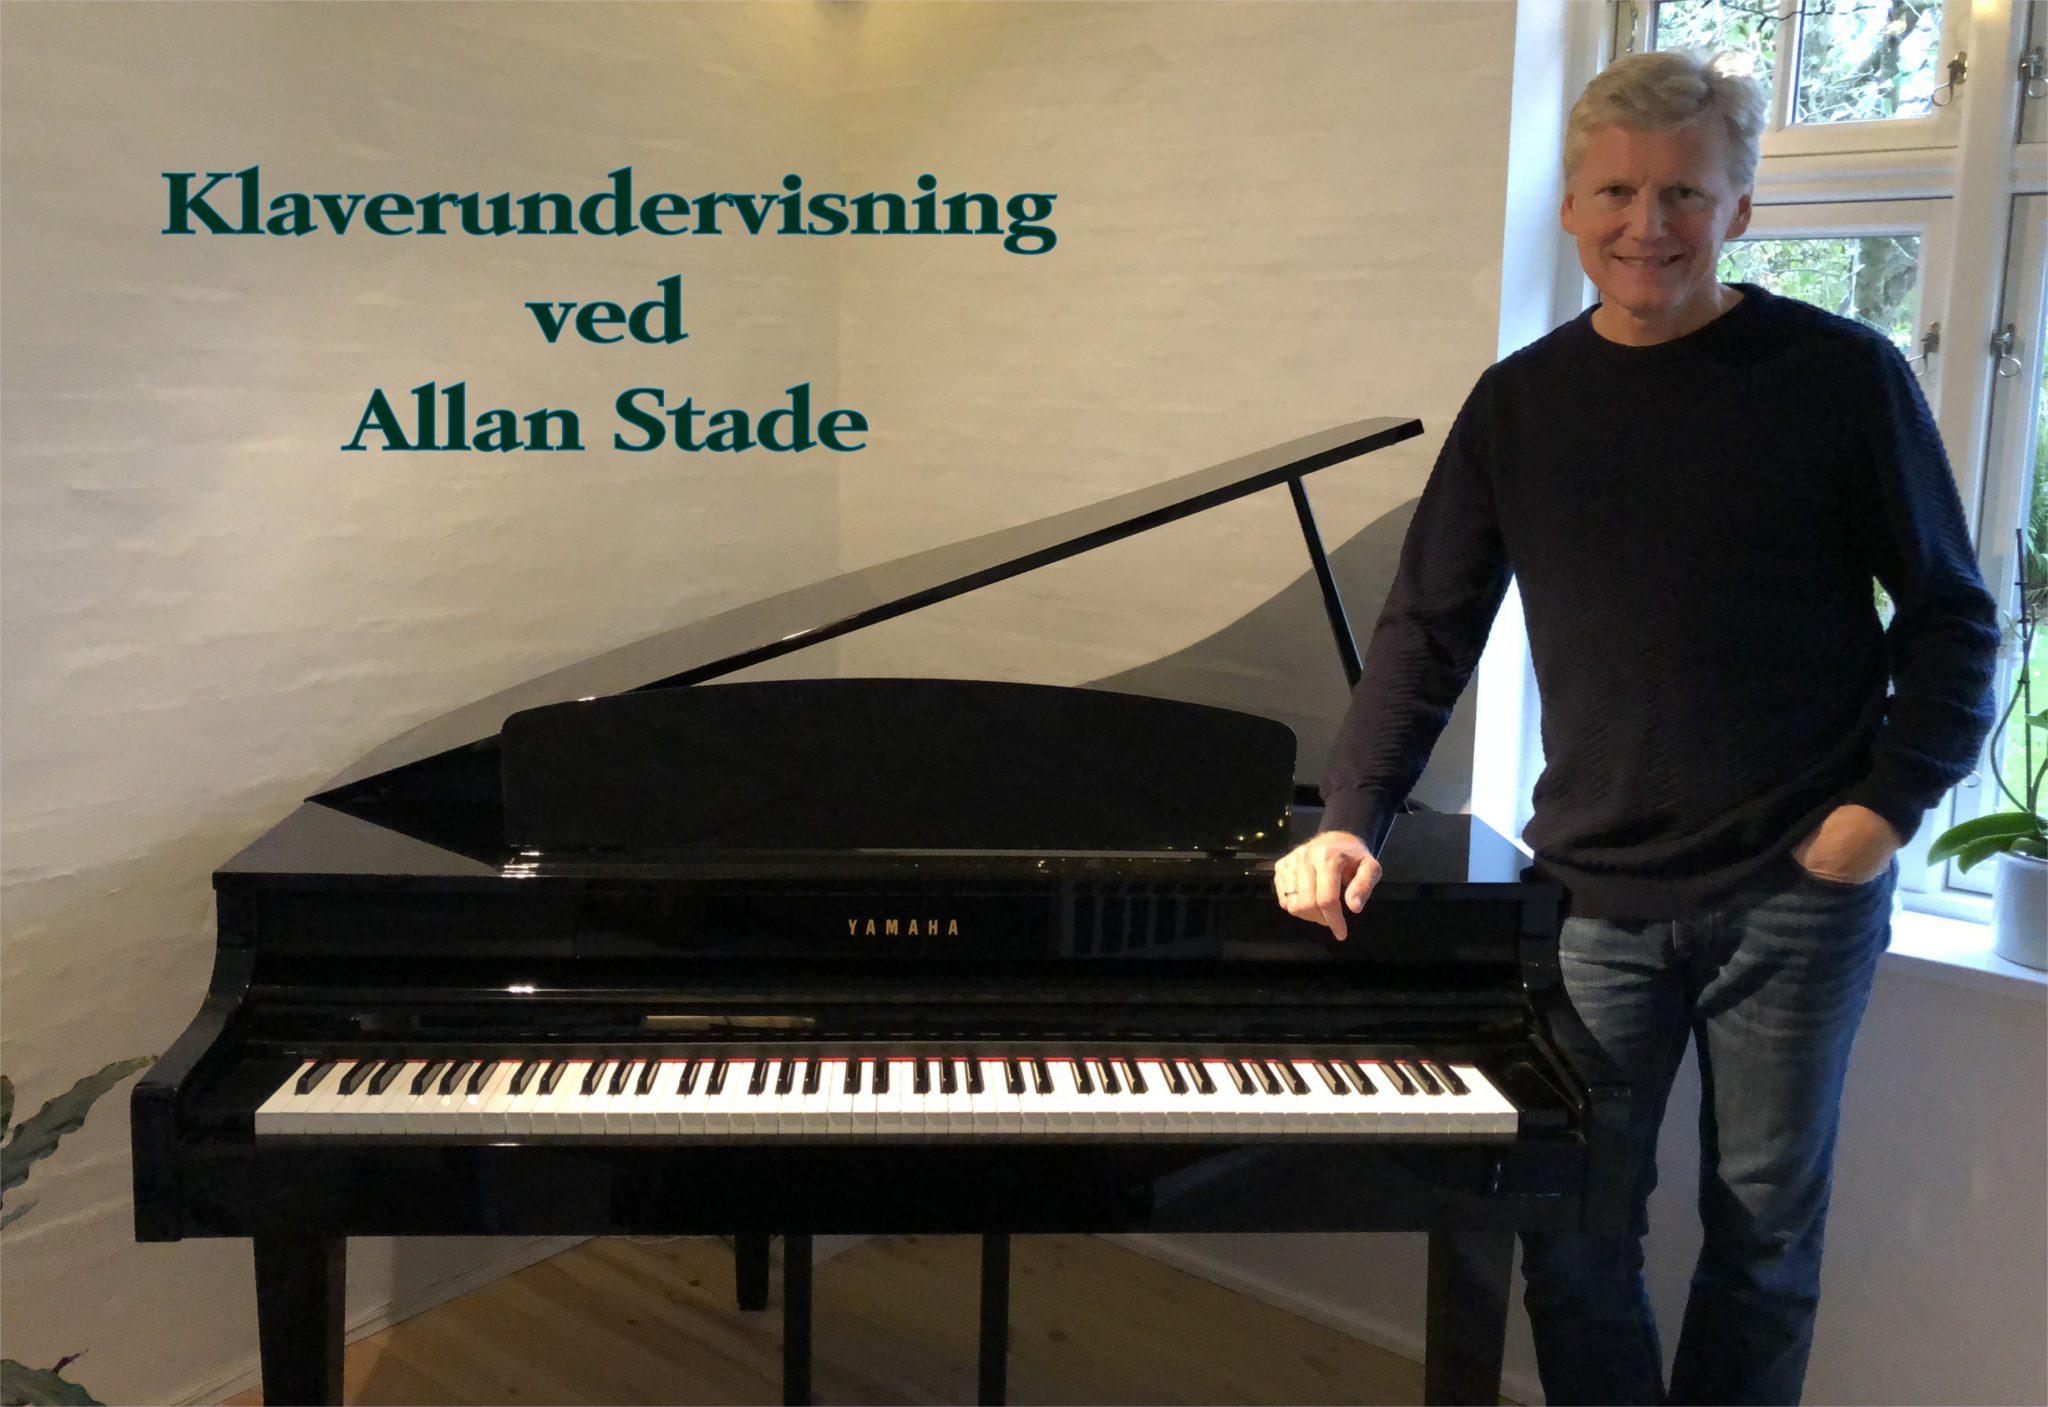 Klaverundervisning ved Allan Stade